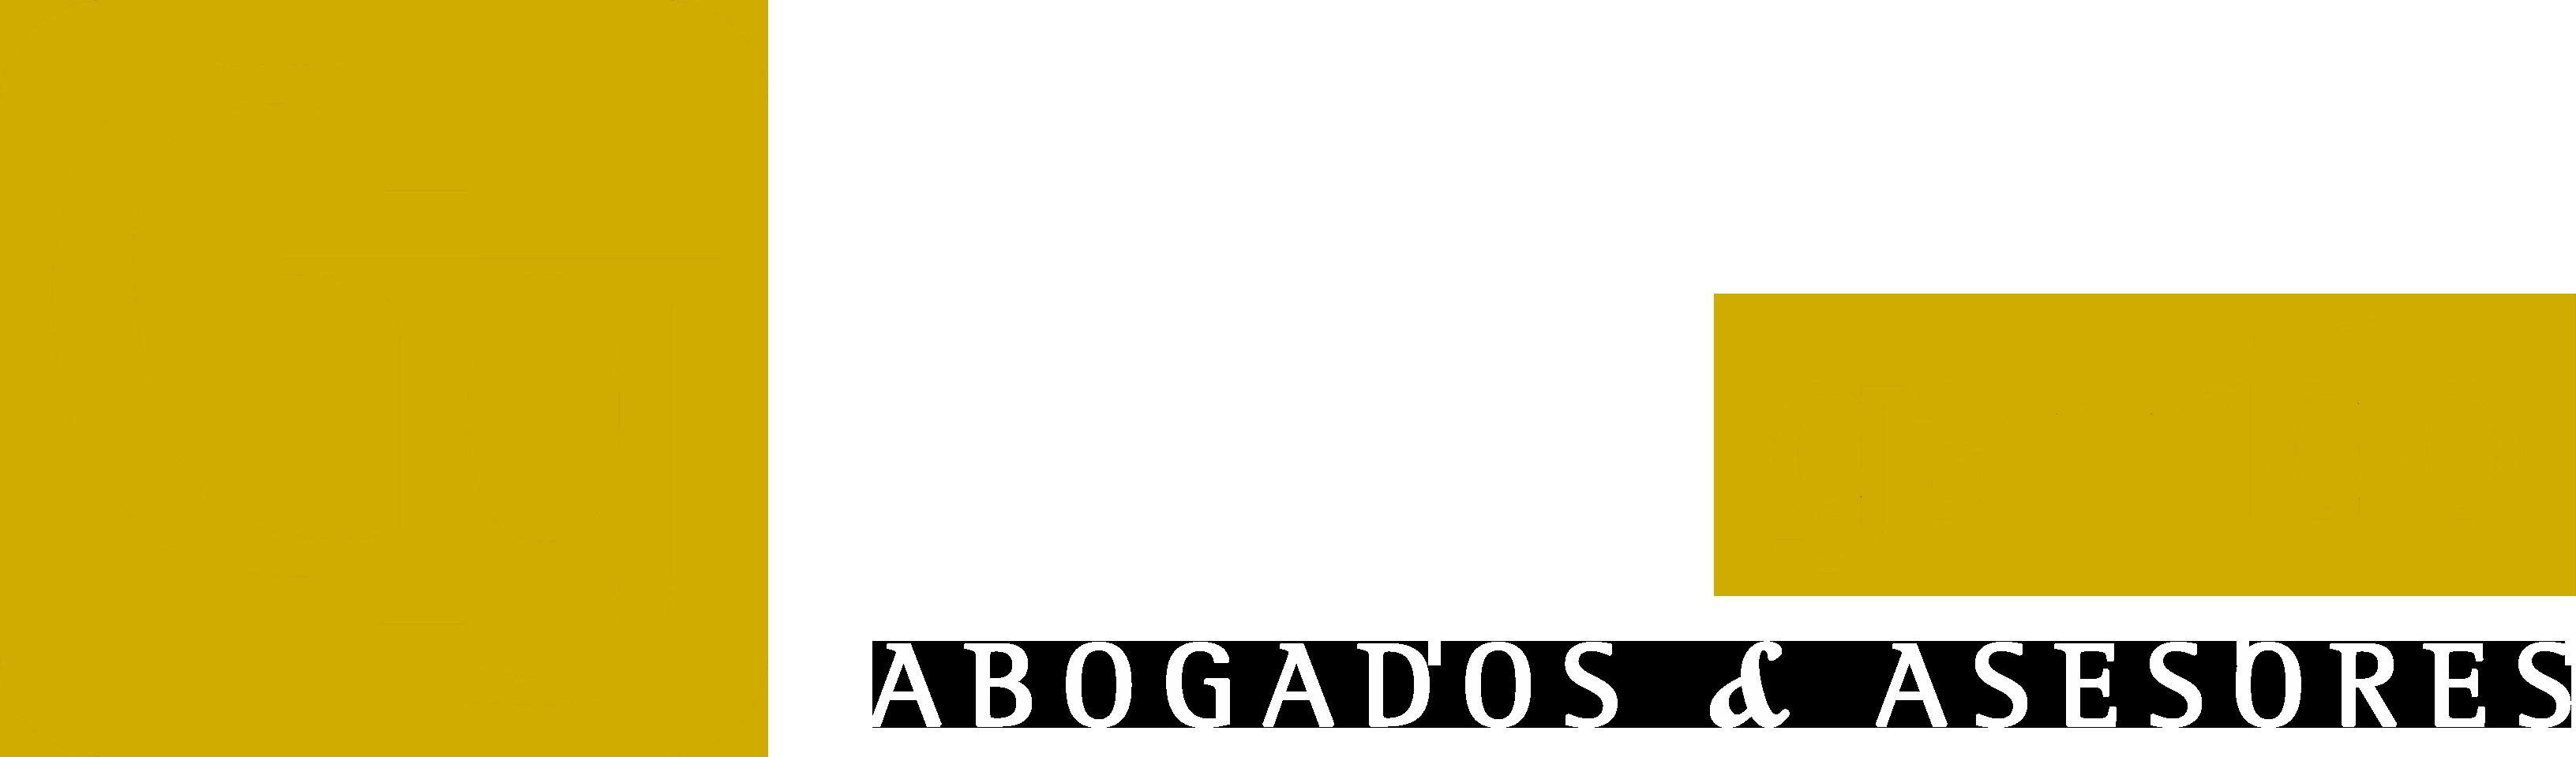 Gómez Garrido. Abogados - Asesores